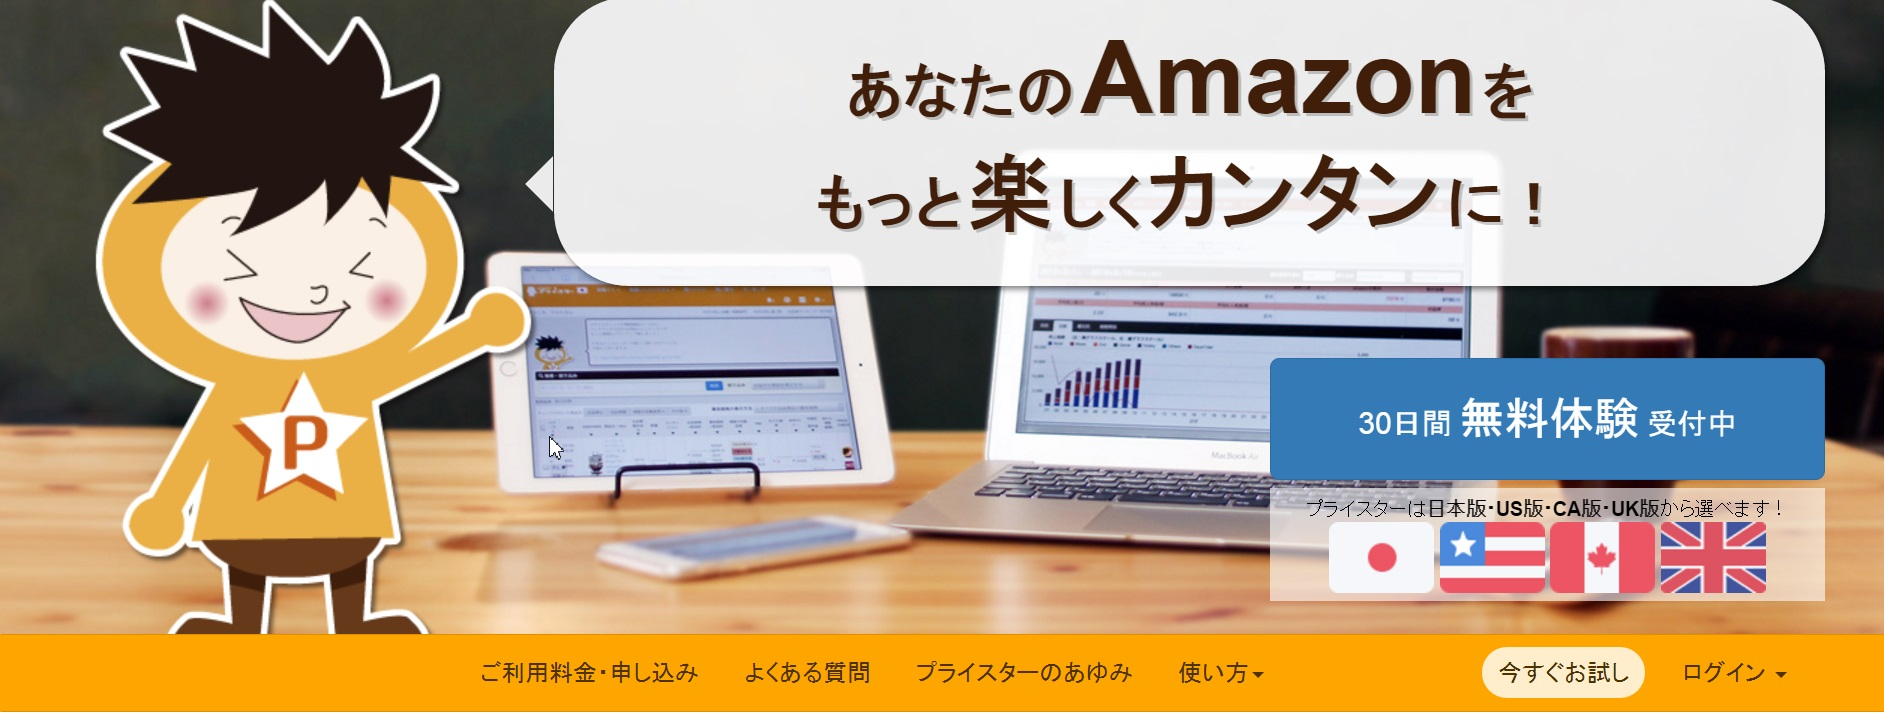 プライスター日本版